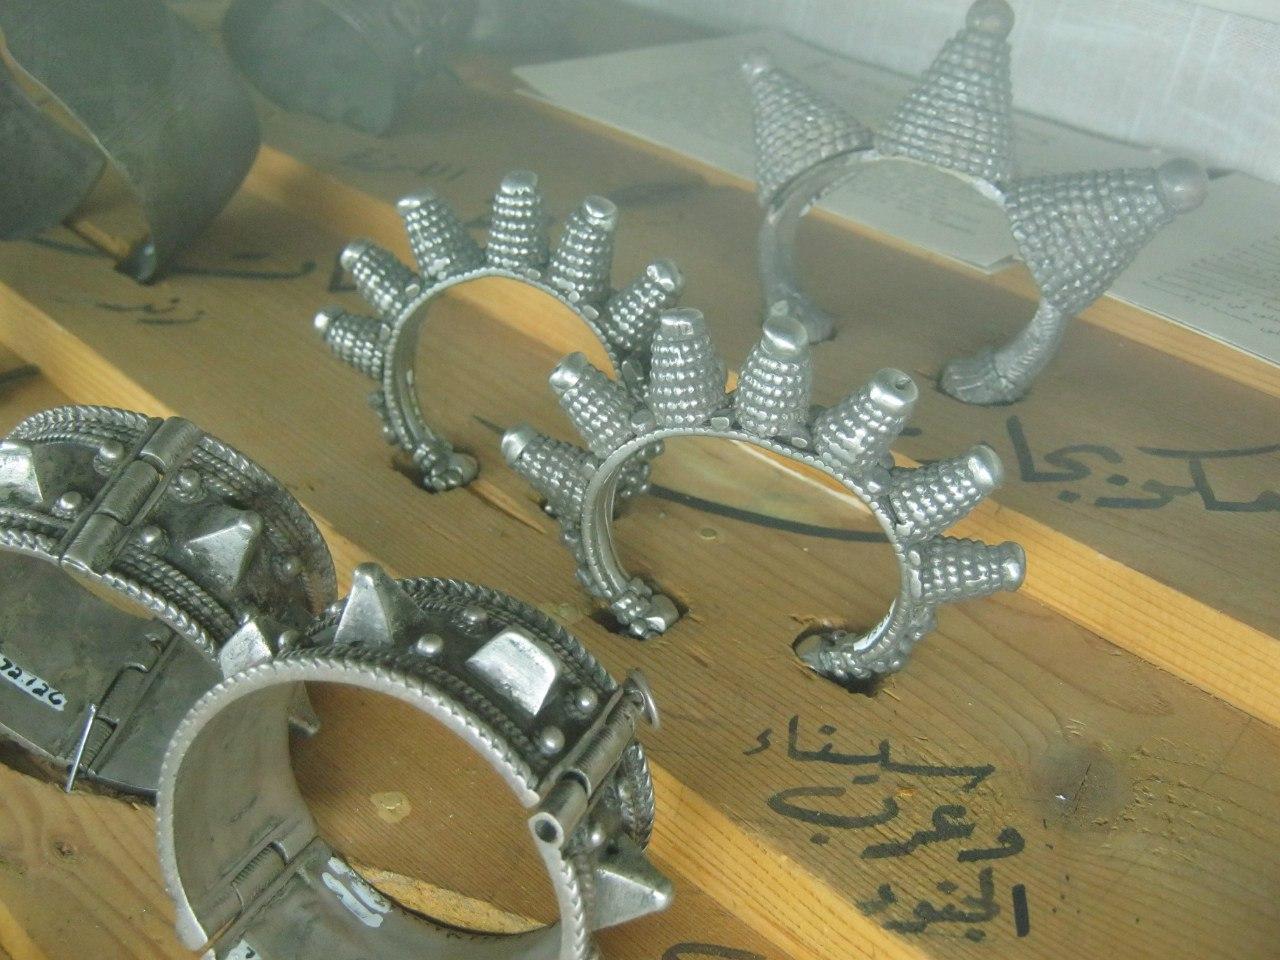 серебряные браслеты в этнографическом музее под амфитеатром в Аммане